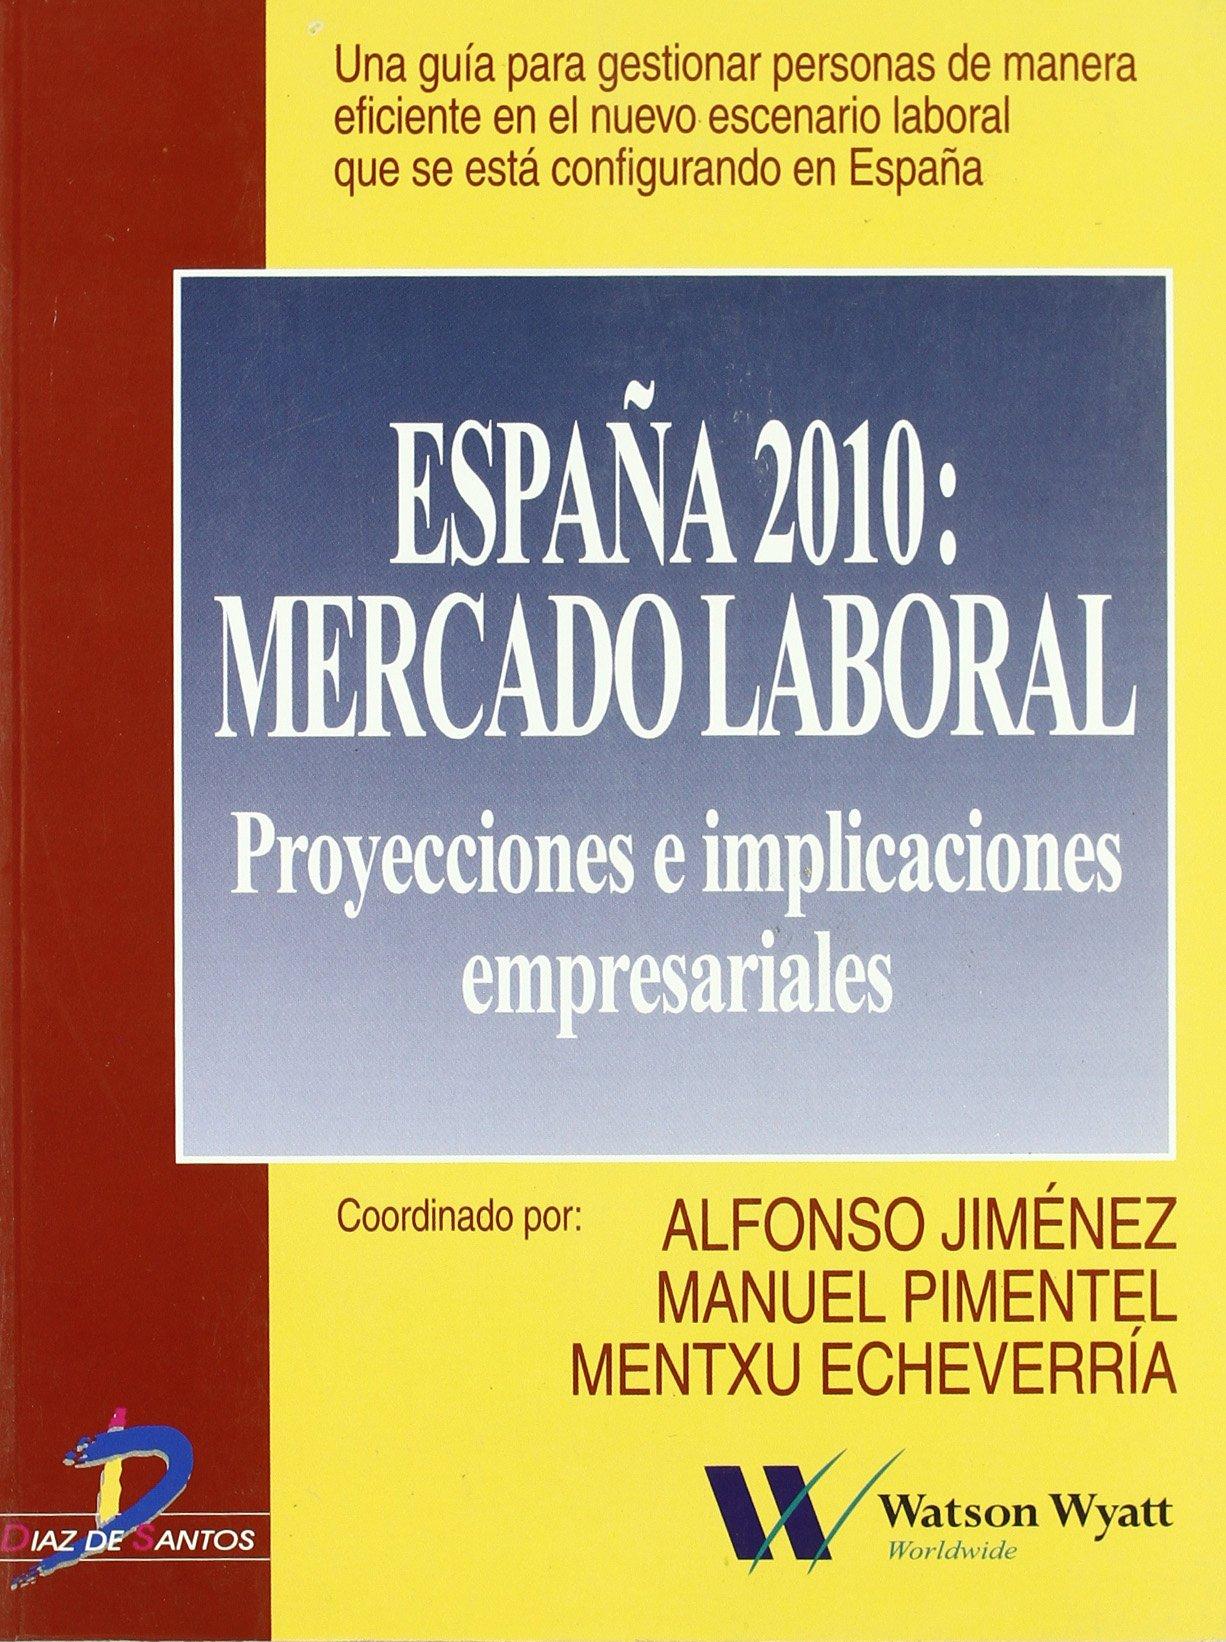 España 2010: mercado laboral: Proyectos e implicaciones empresariales Economia: Amazon.es: Jiménez, Alfonso, Pimentel, Manuel, Echevarría, Mentxu: Libros